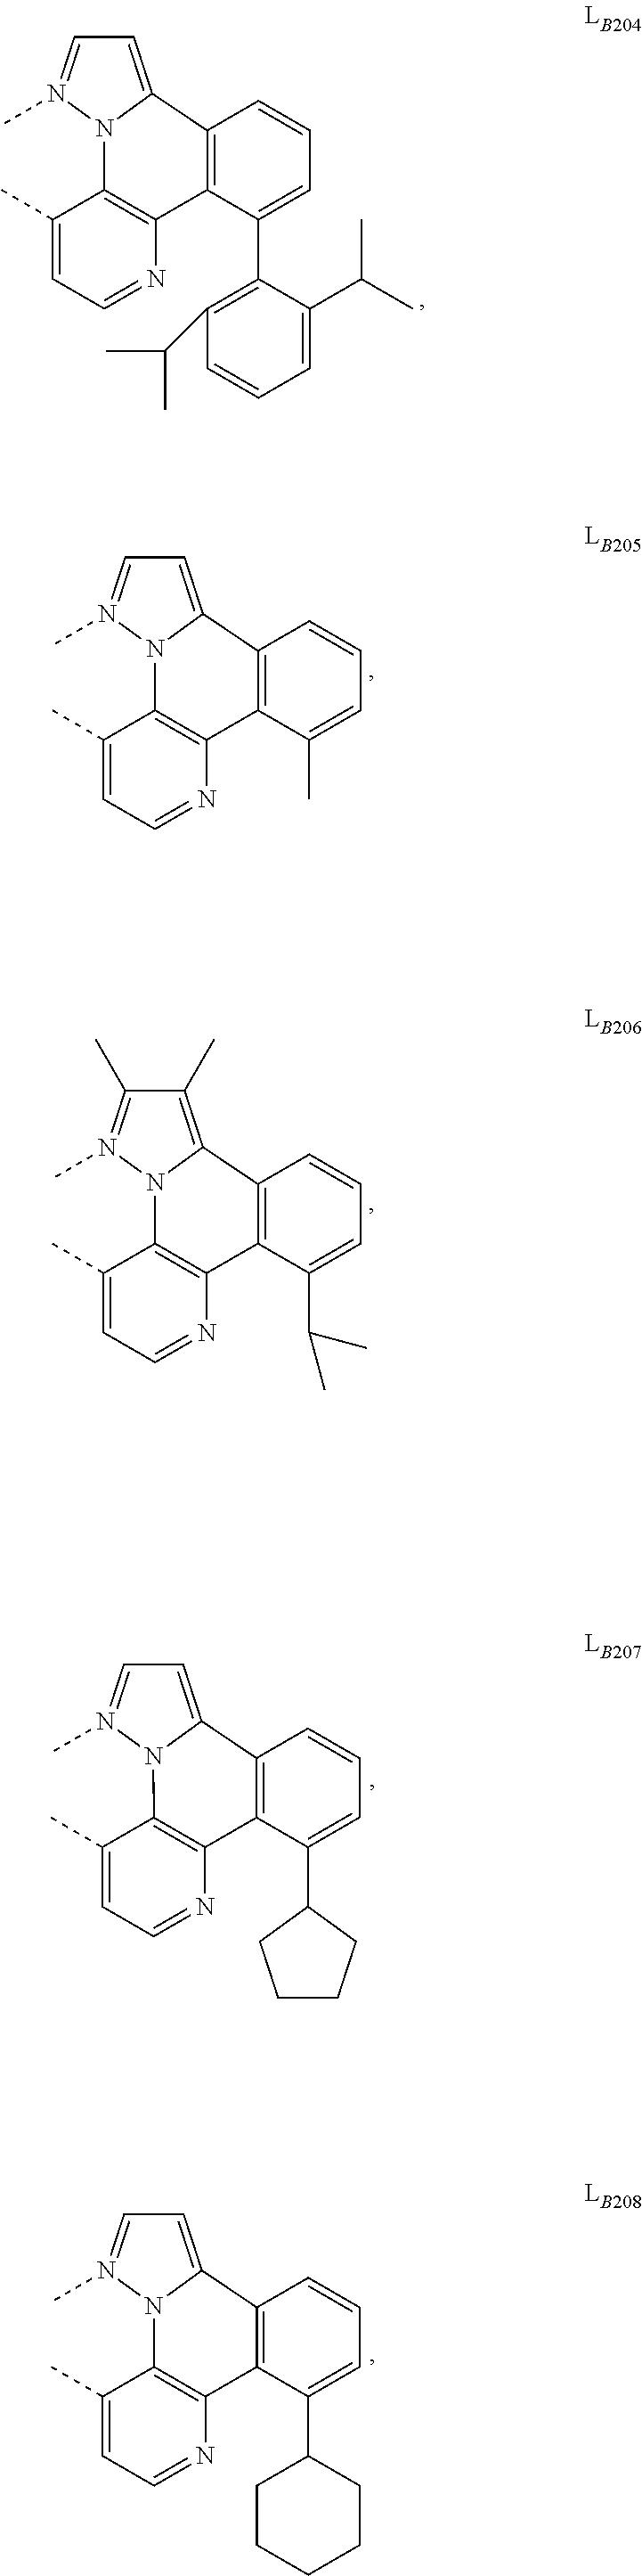 Figure US09905785-20180227-C00150